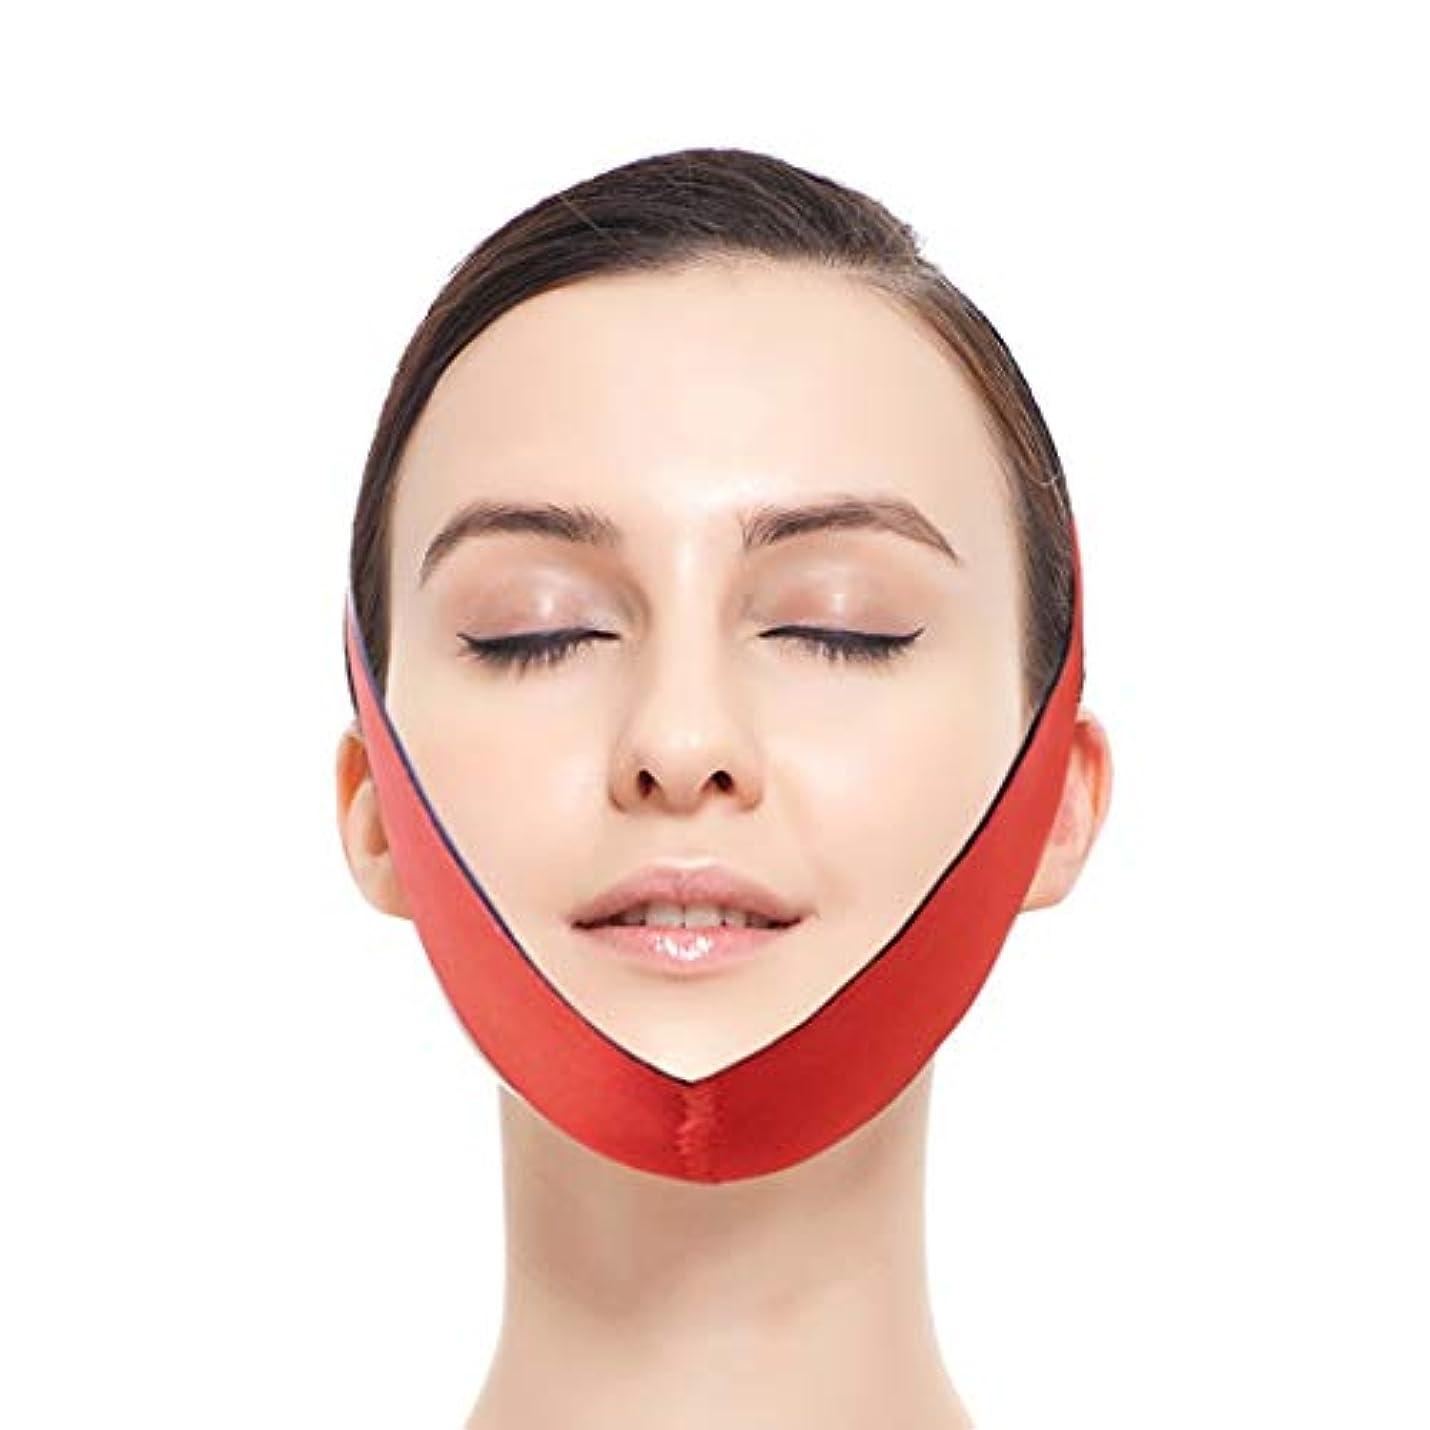 熟すシミュレートする何でもZWBD フェイスマスク, 顔を持ち上げる包帯V顔リフティング引き締めの美しさ薄い顔包帯眠っている男性と女性と顎セット持ち上げタイトな睡眠